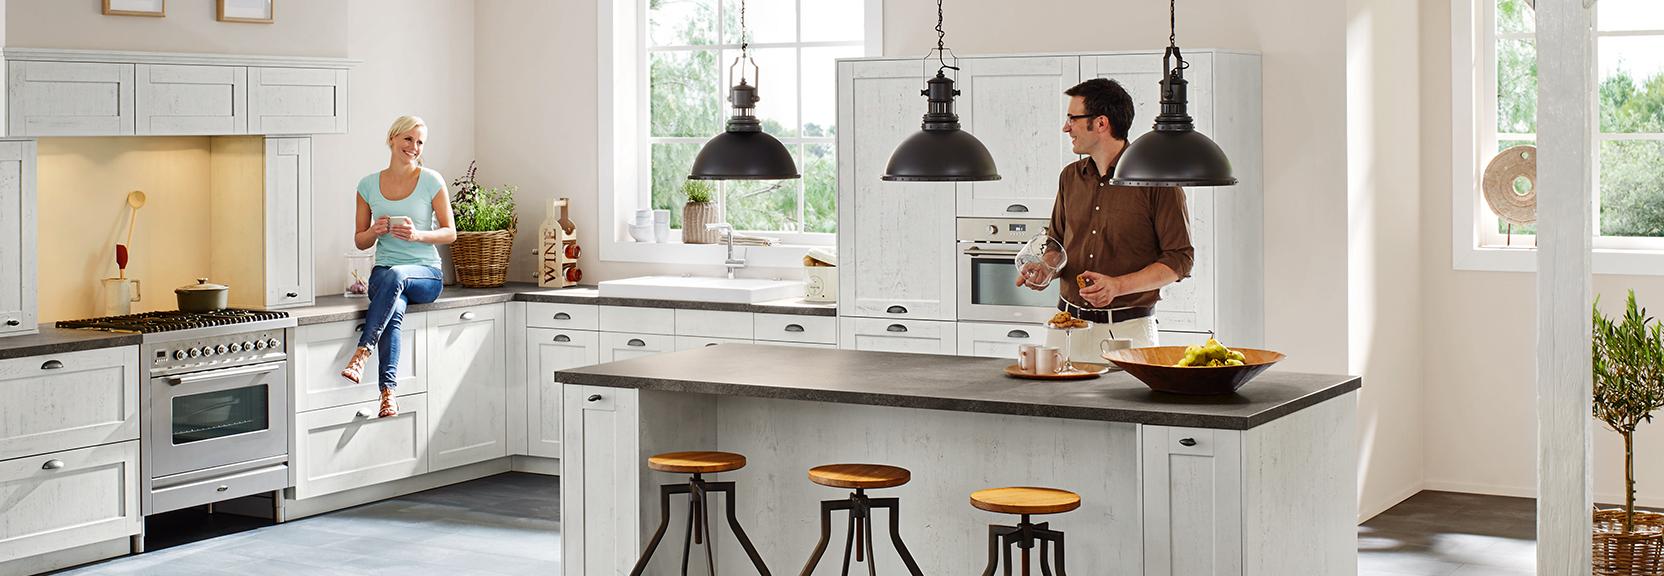 Schon Landhaus Küchen